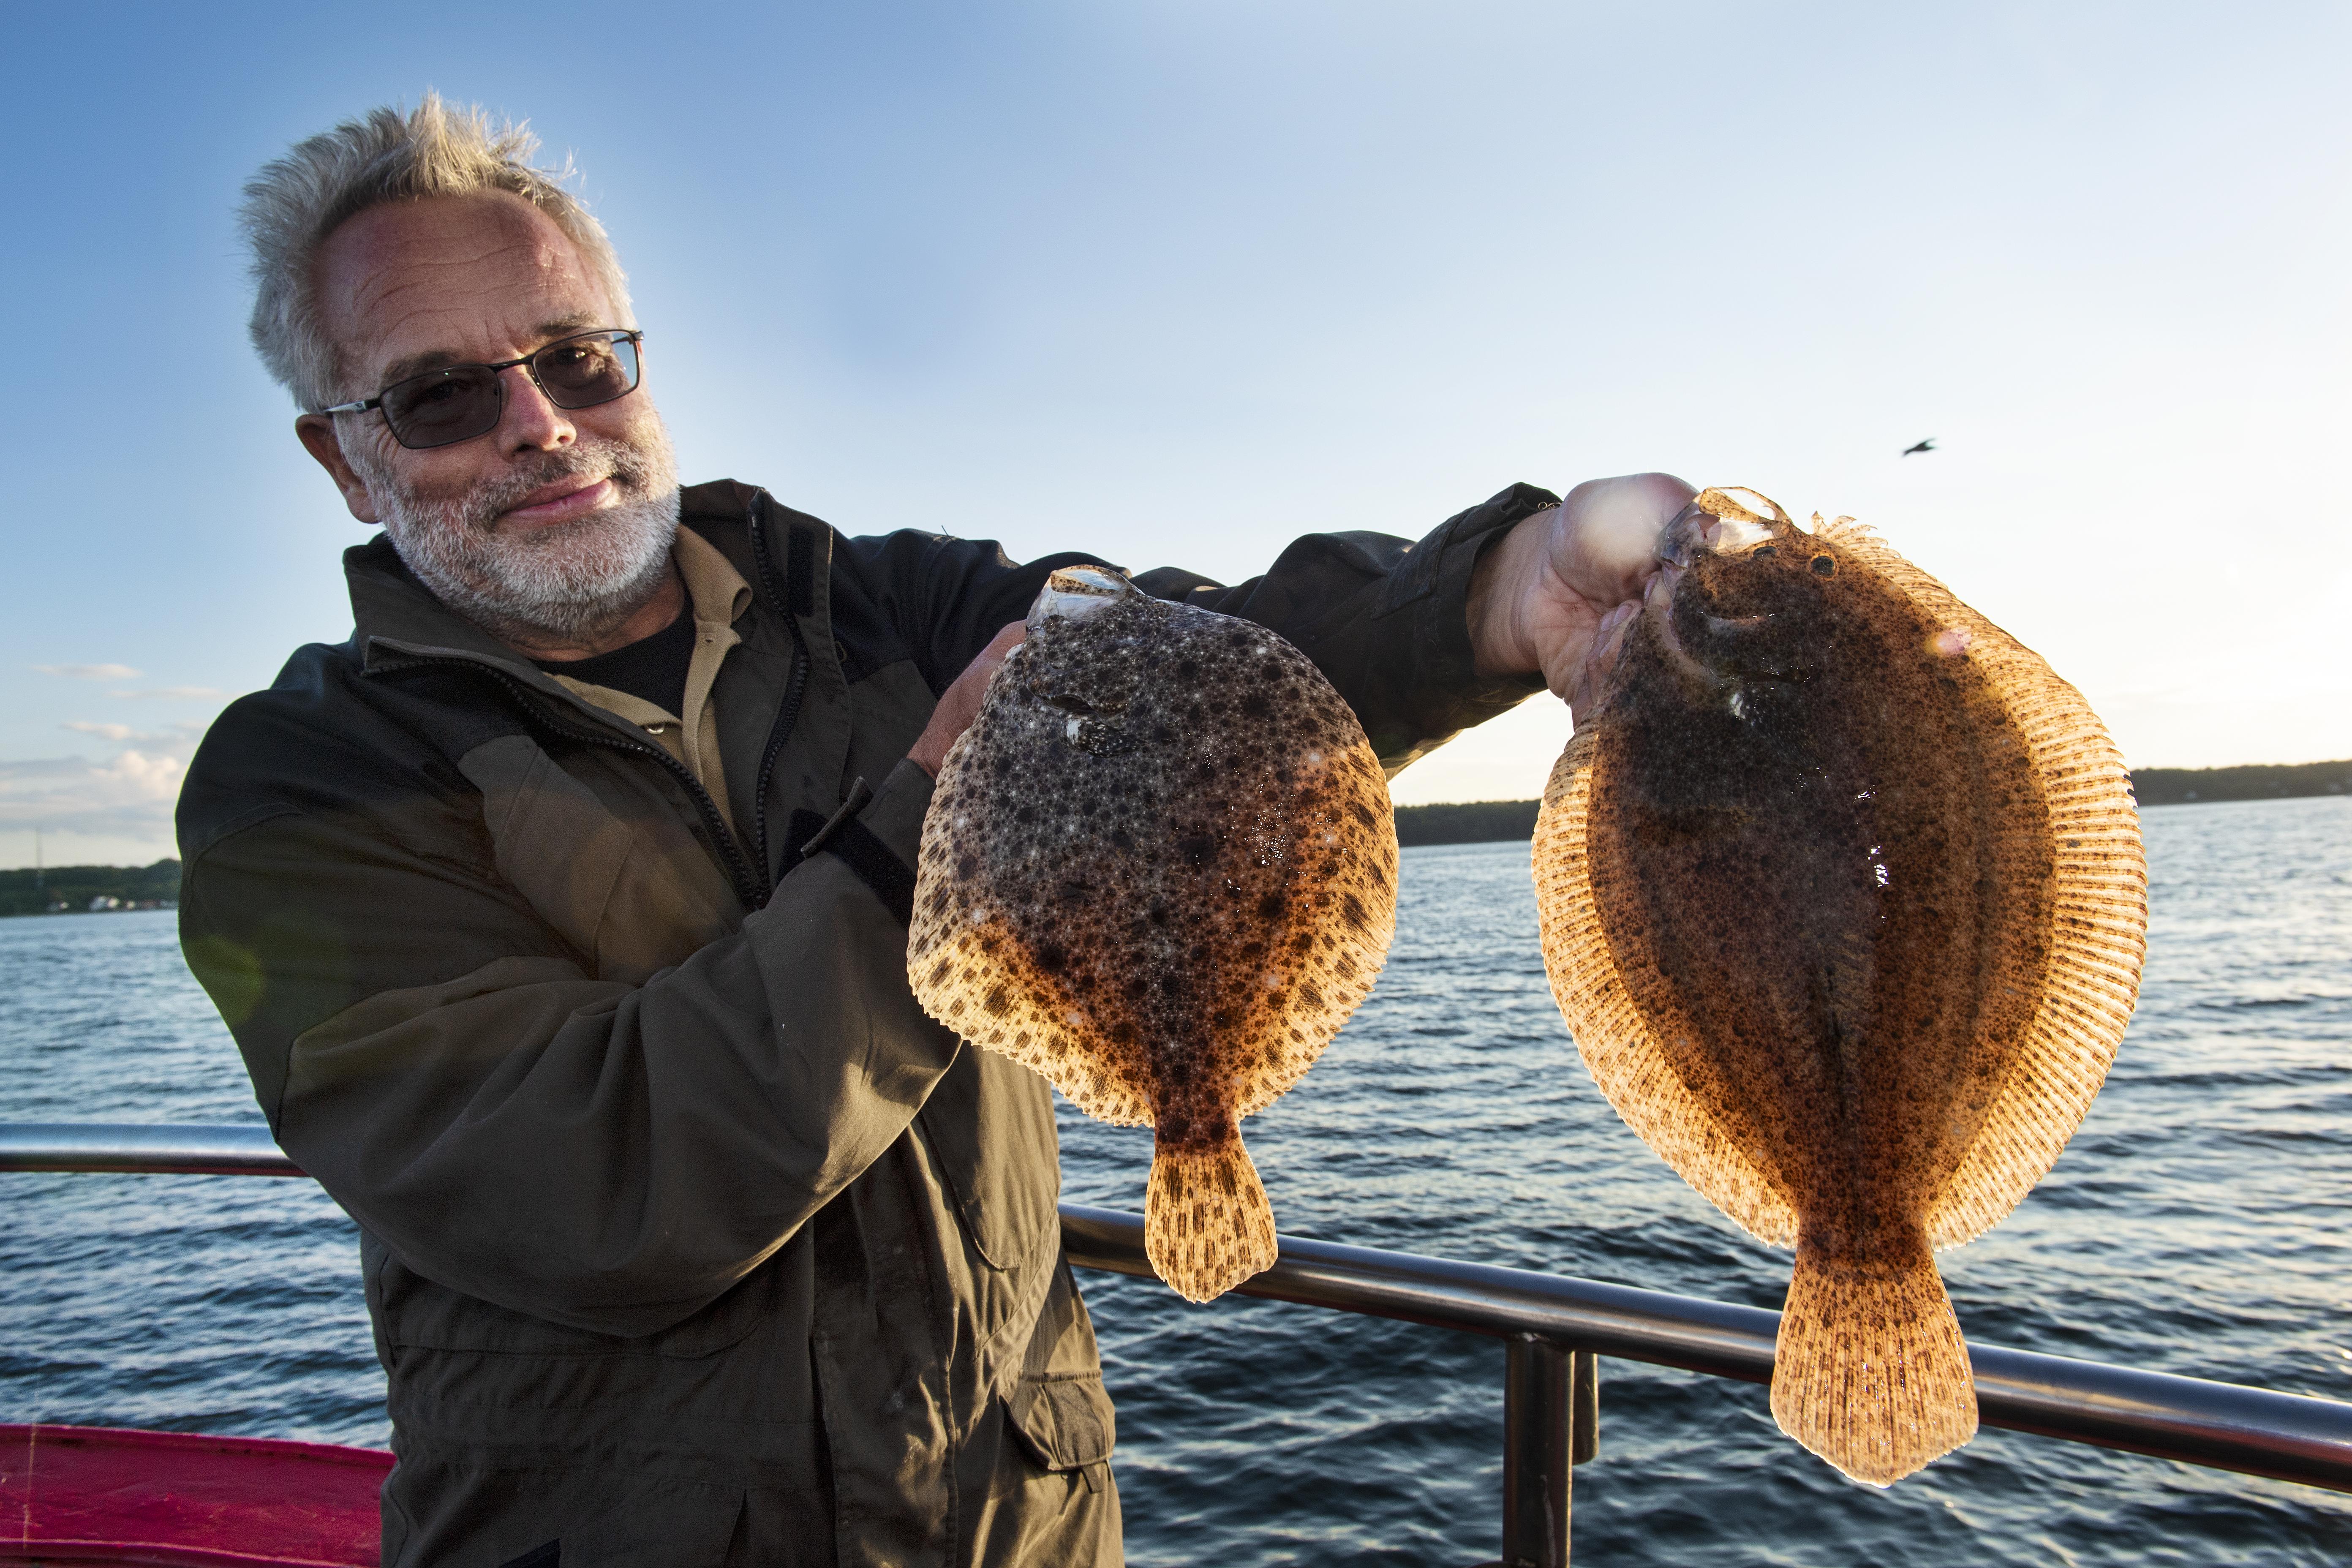 Efteråret byder på et rigtig godt hvarfiskeri på sundet. Til venstre en pighvar og til højre en slethvar.